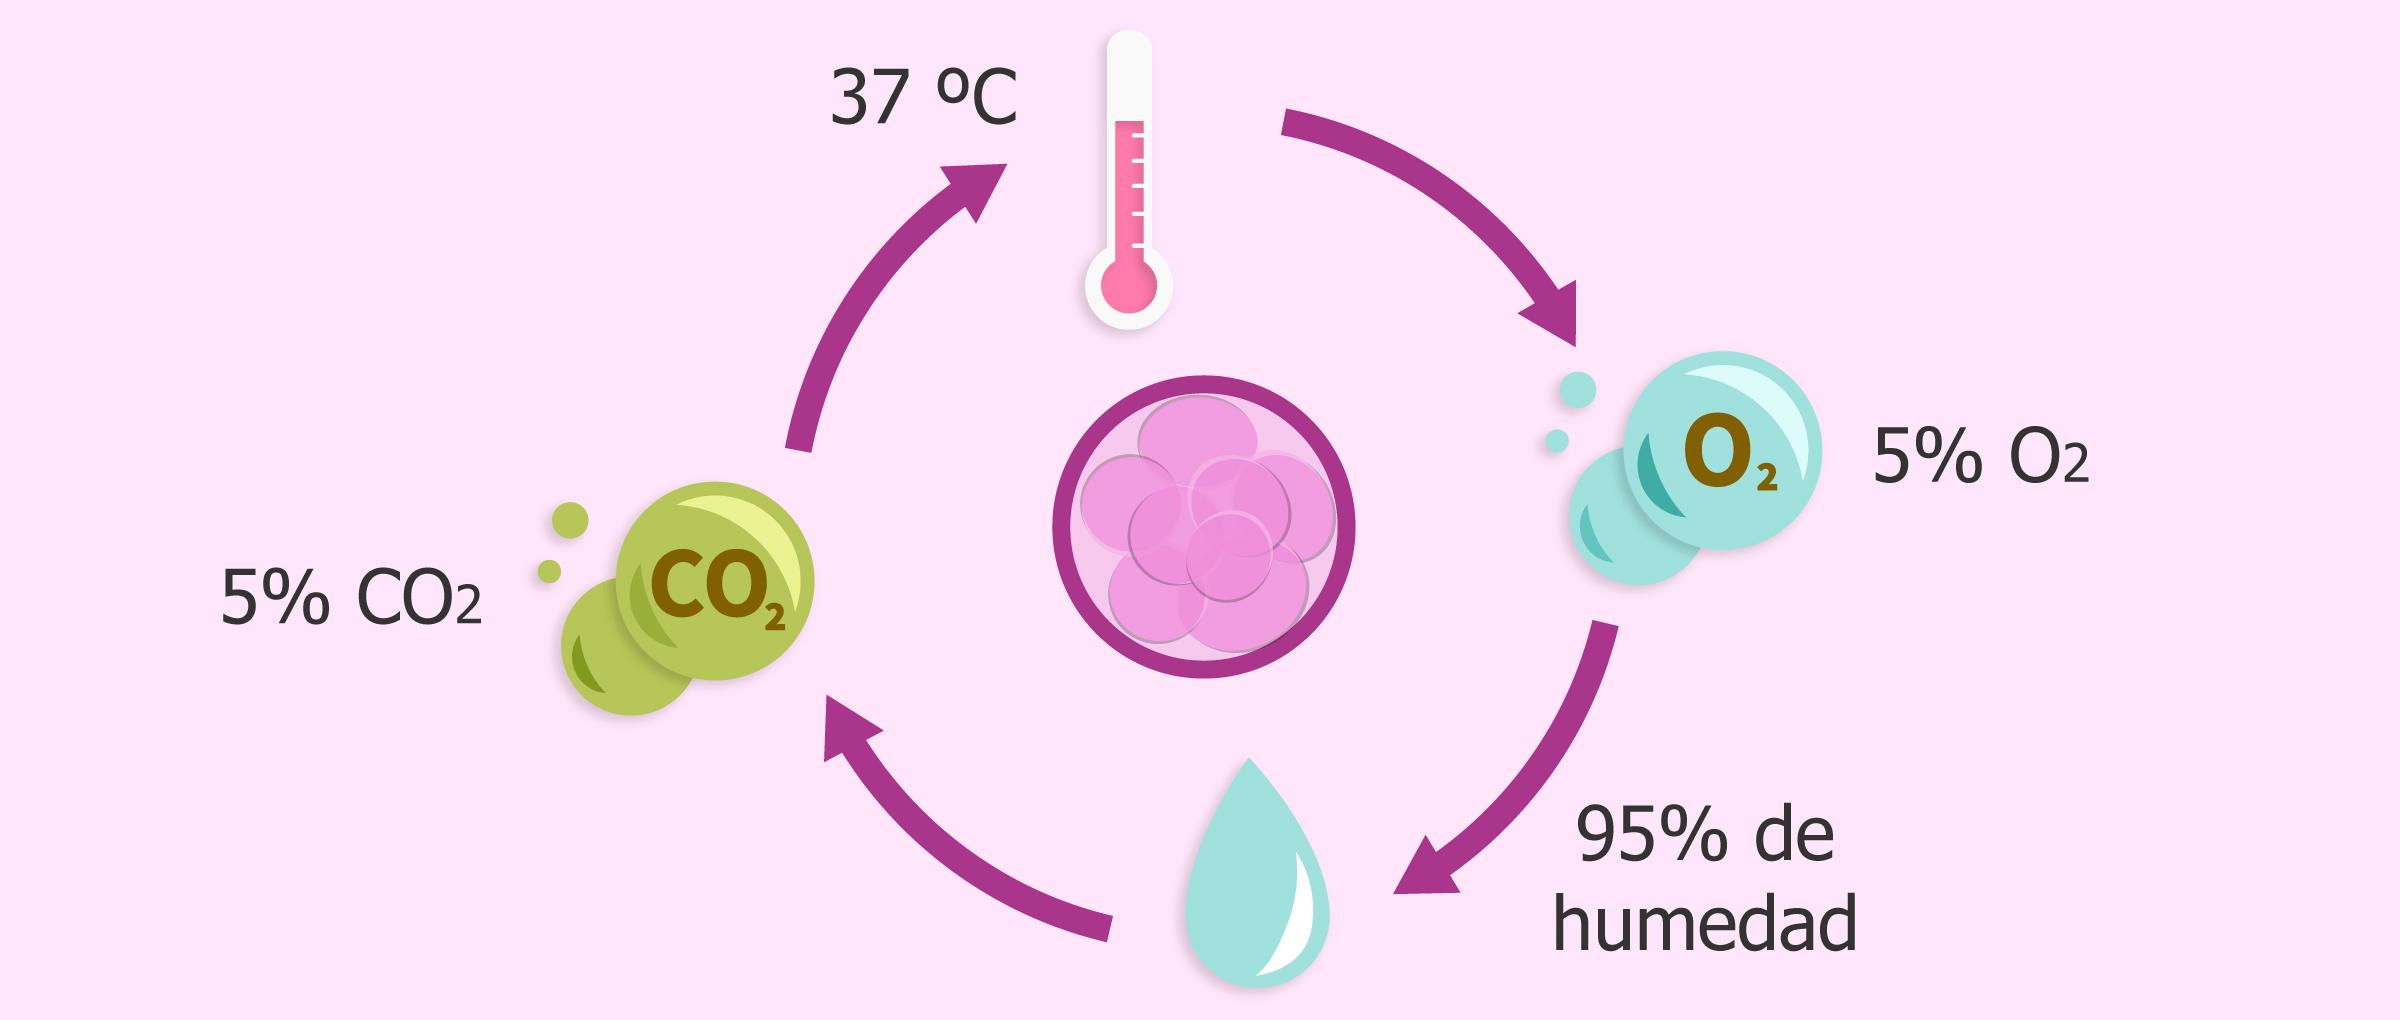 Condiciones en el laboratorio